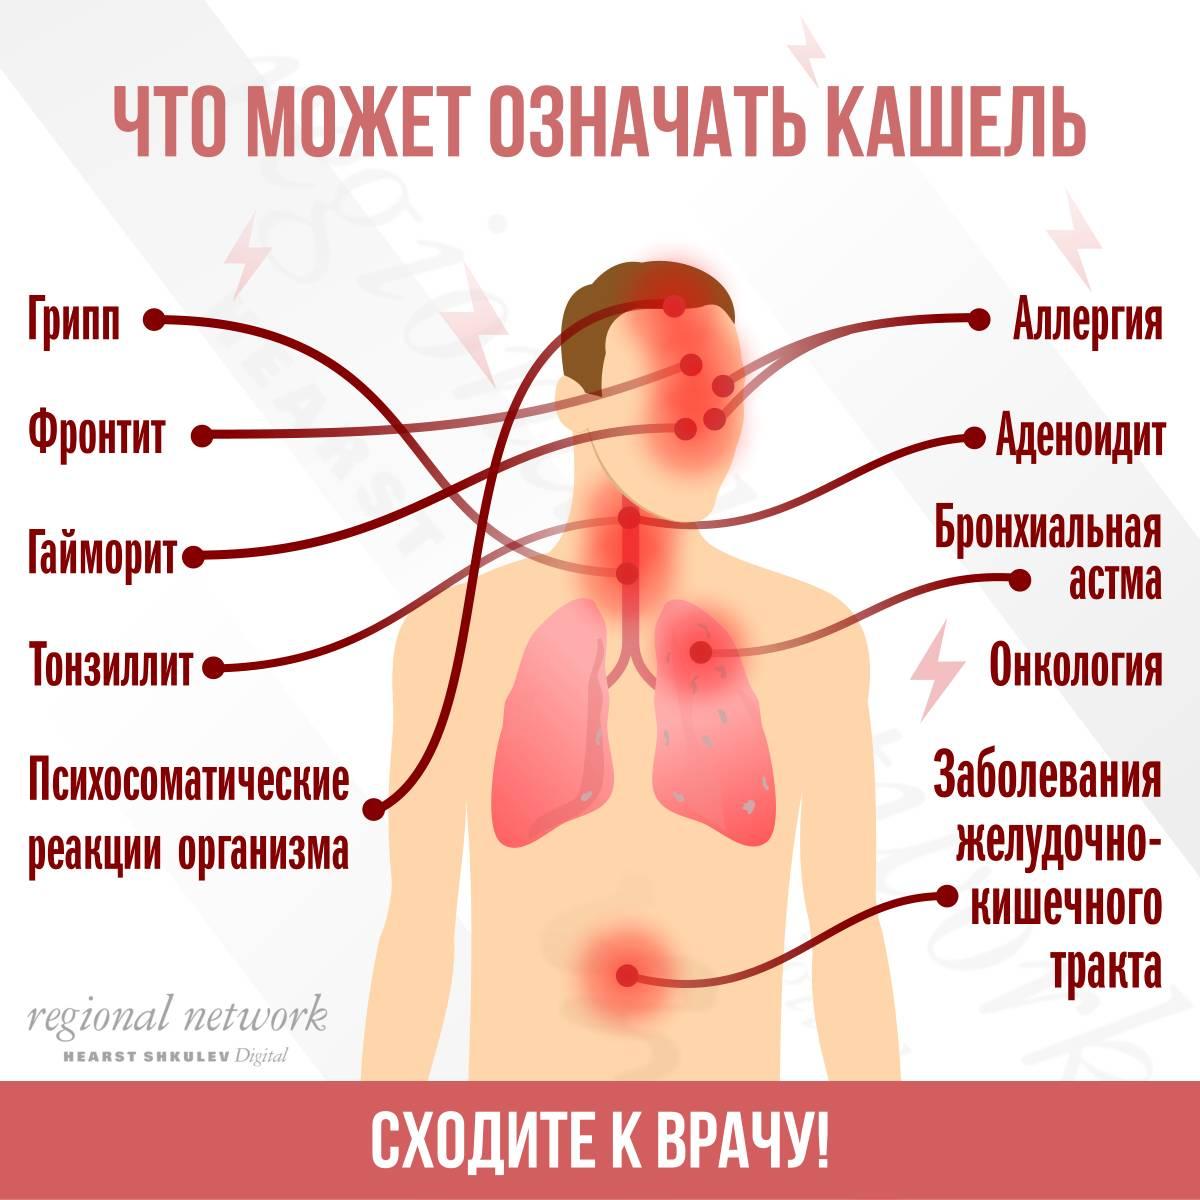 Горло красное и болит после курения, как восстановить горло | методы лечения заболеваний